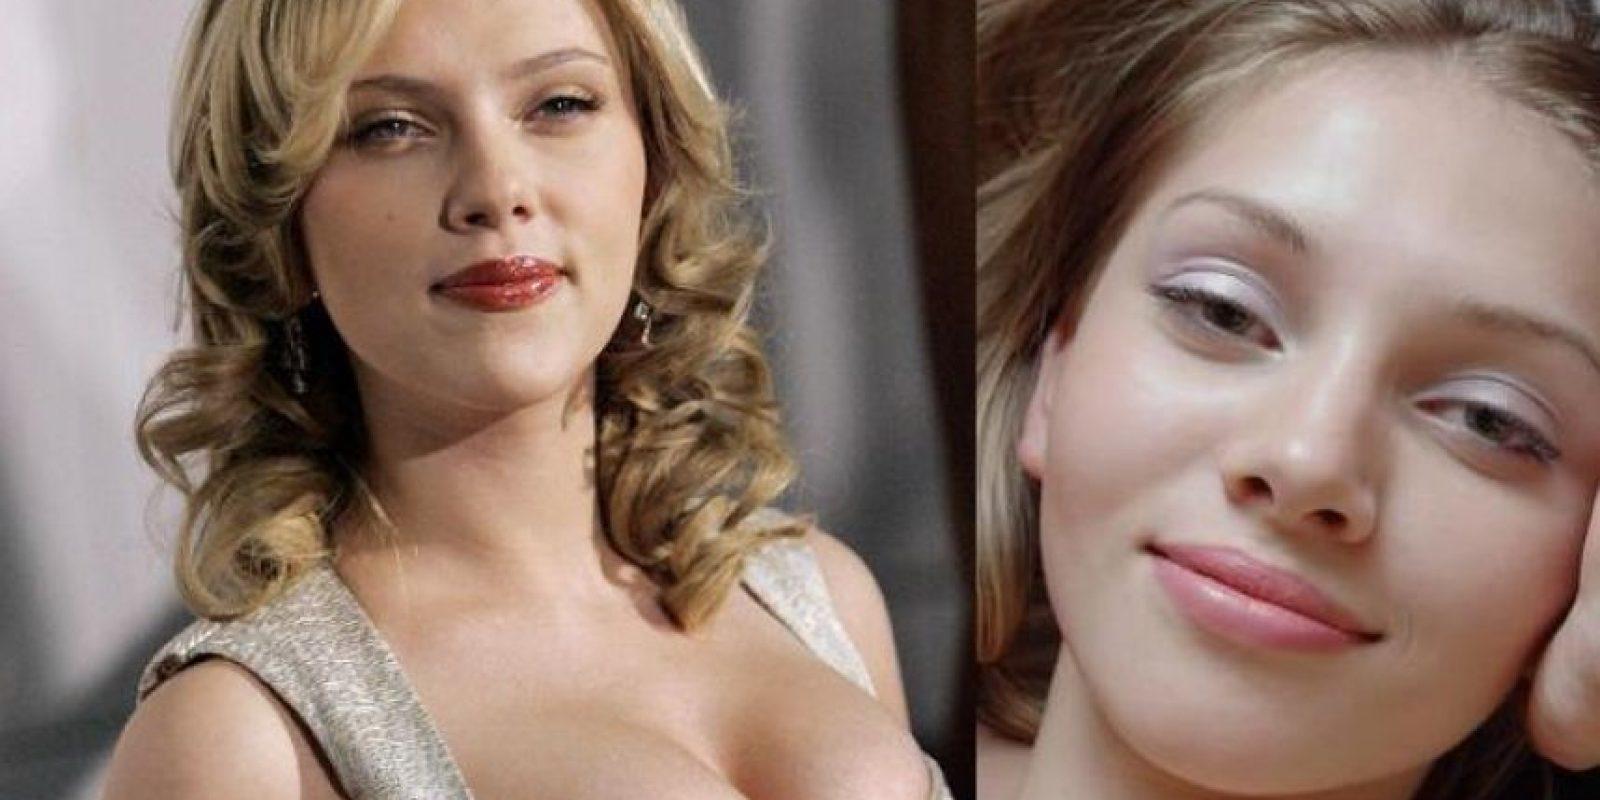 Actrices Porno Que Se Parecen fotos: actrices que tienen sus dobles en el cine porno